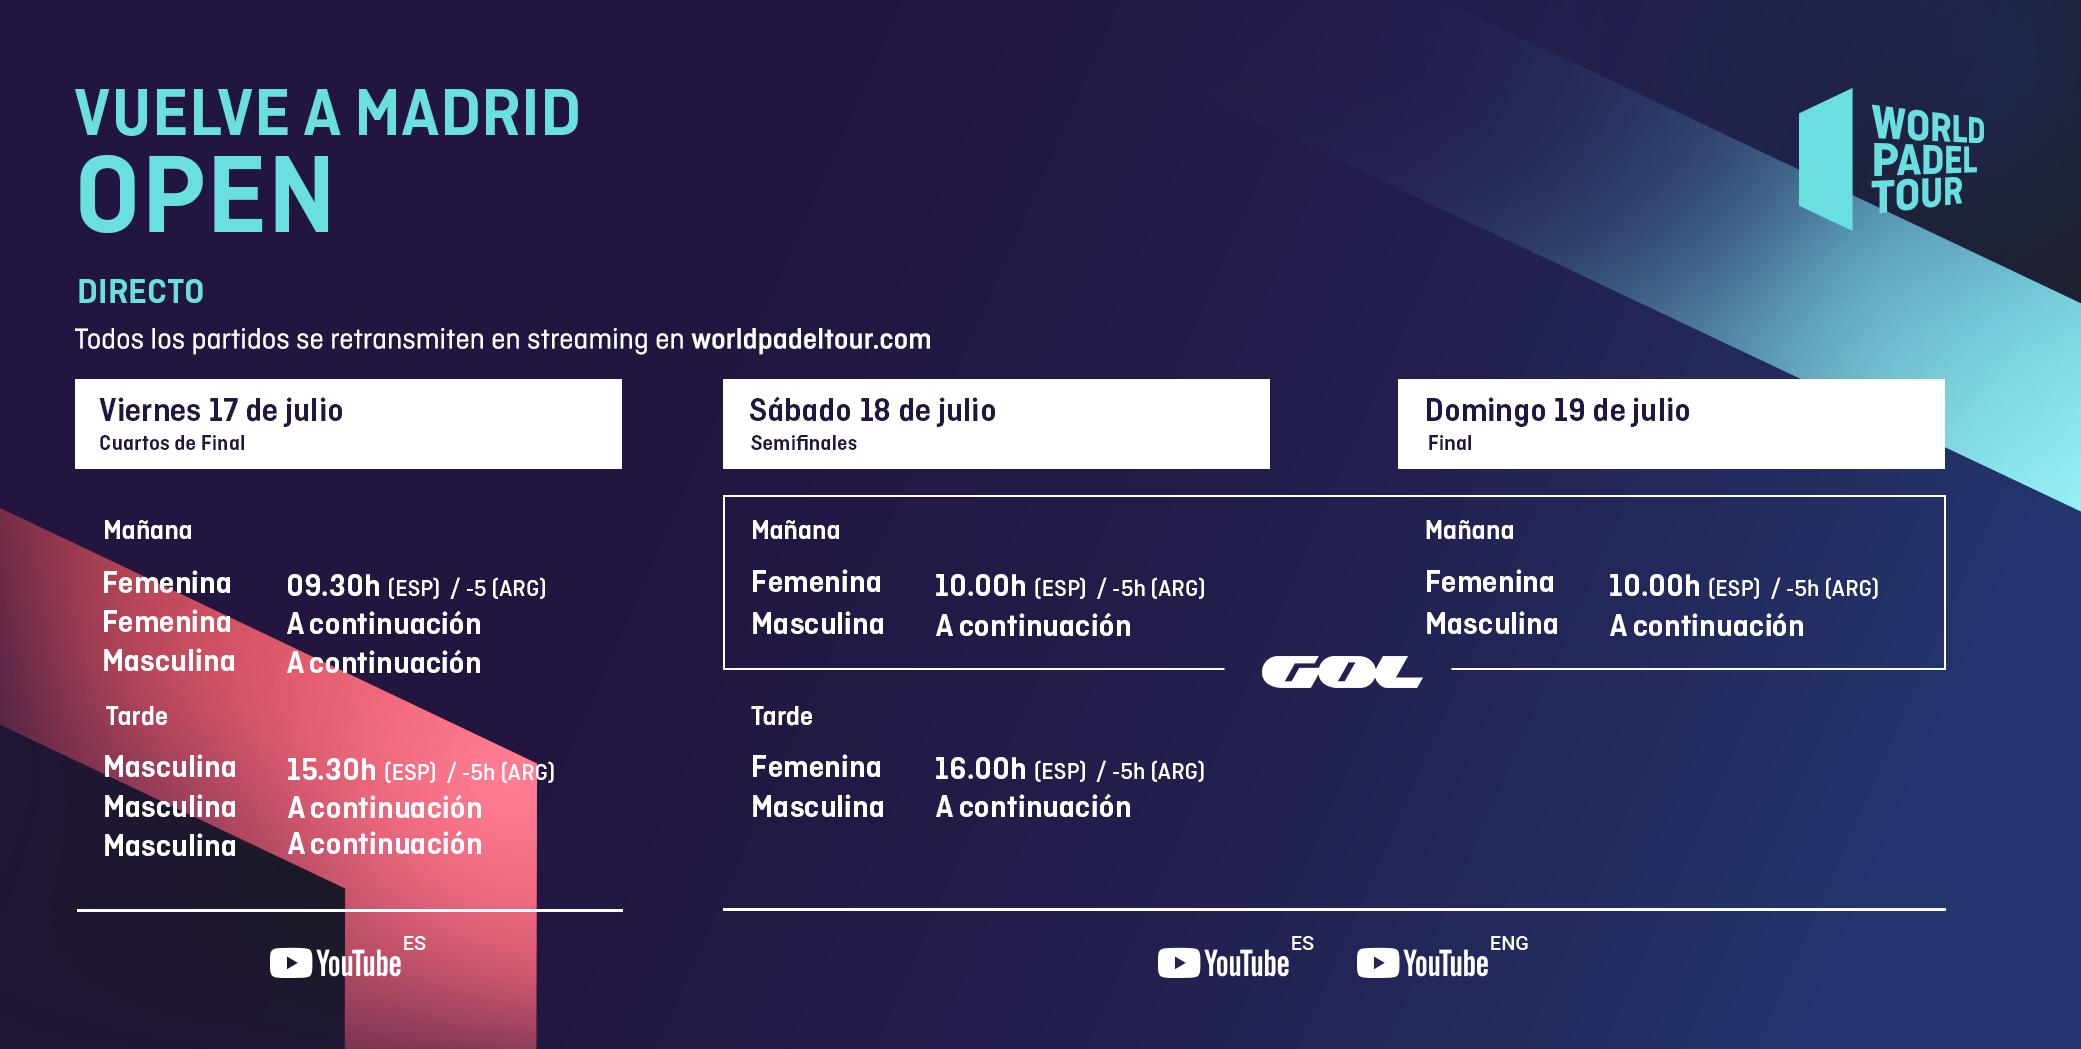 Los horarios de emisión del Vuelve A Madrid Open. | Foto: World Padel Tour